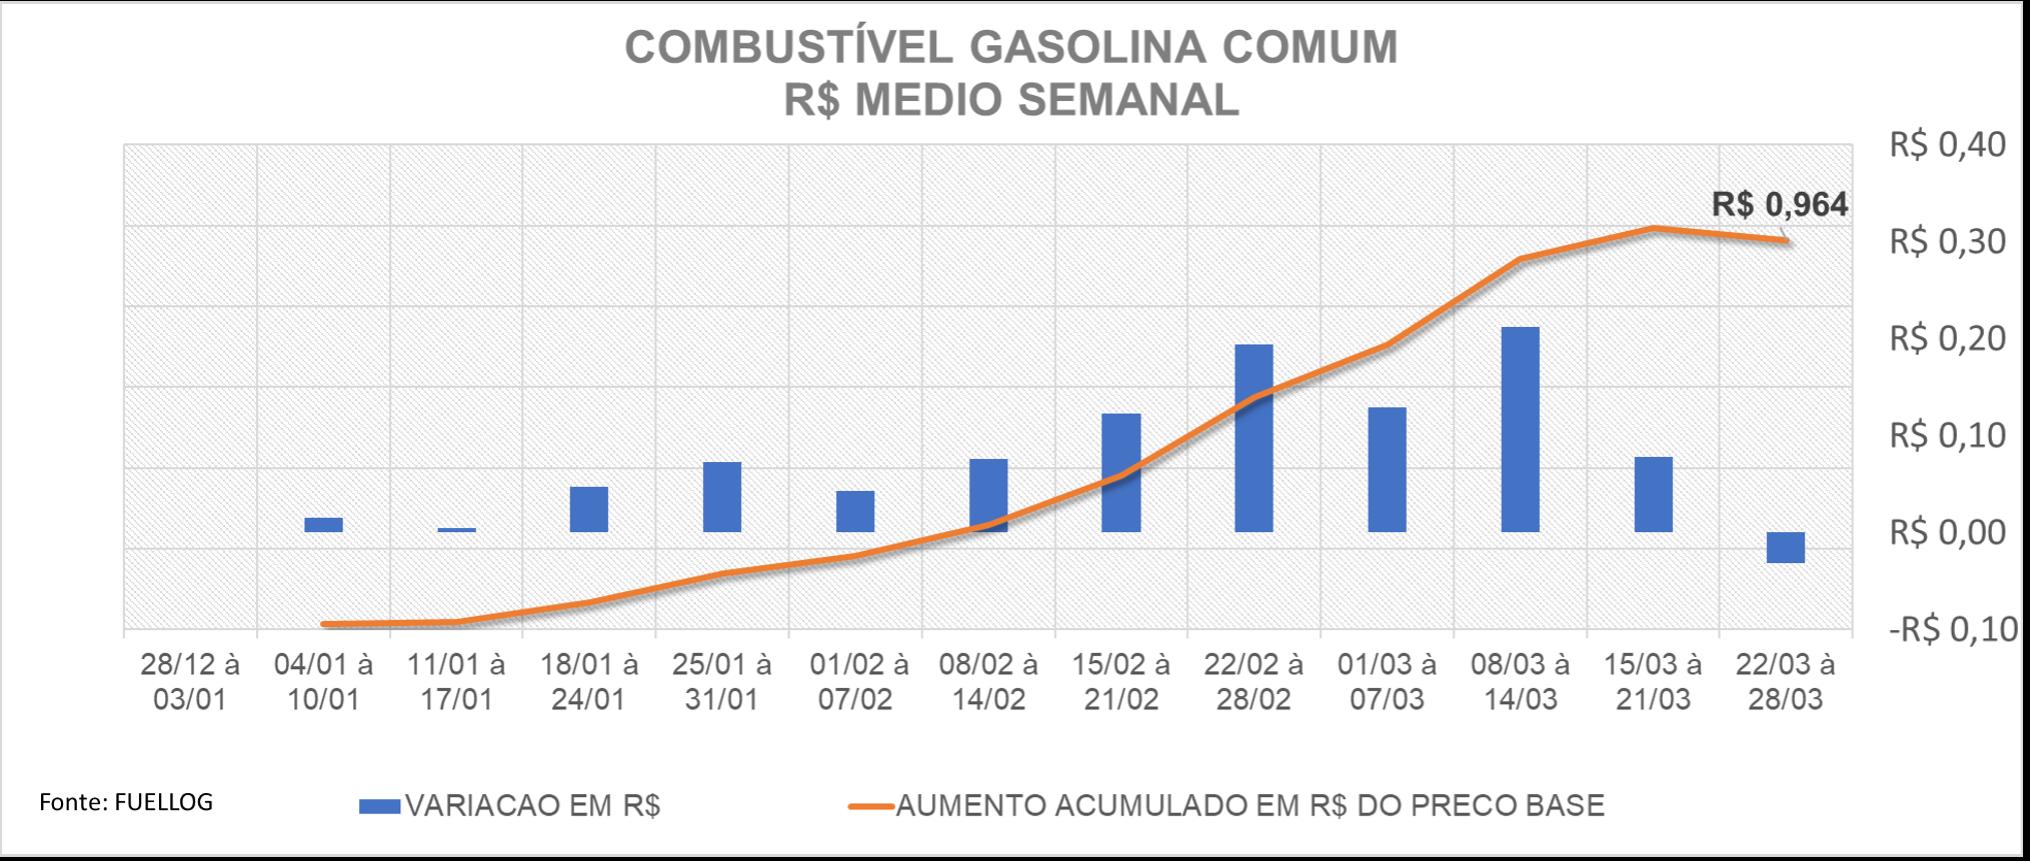 Tabela comparando a variação e o aumento no preço da gasolina comum